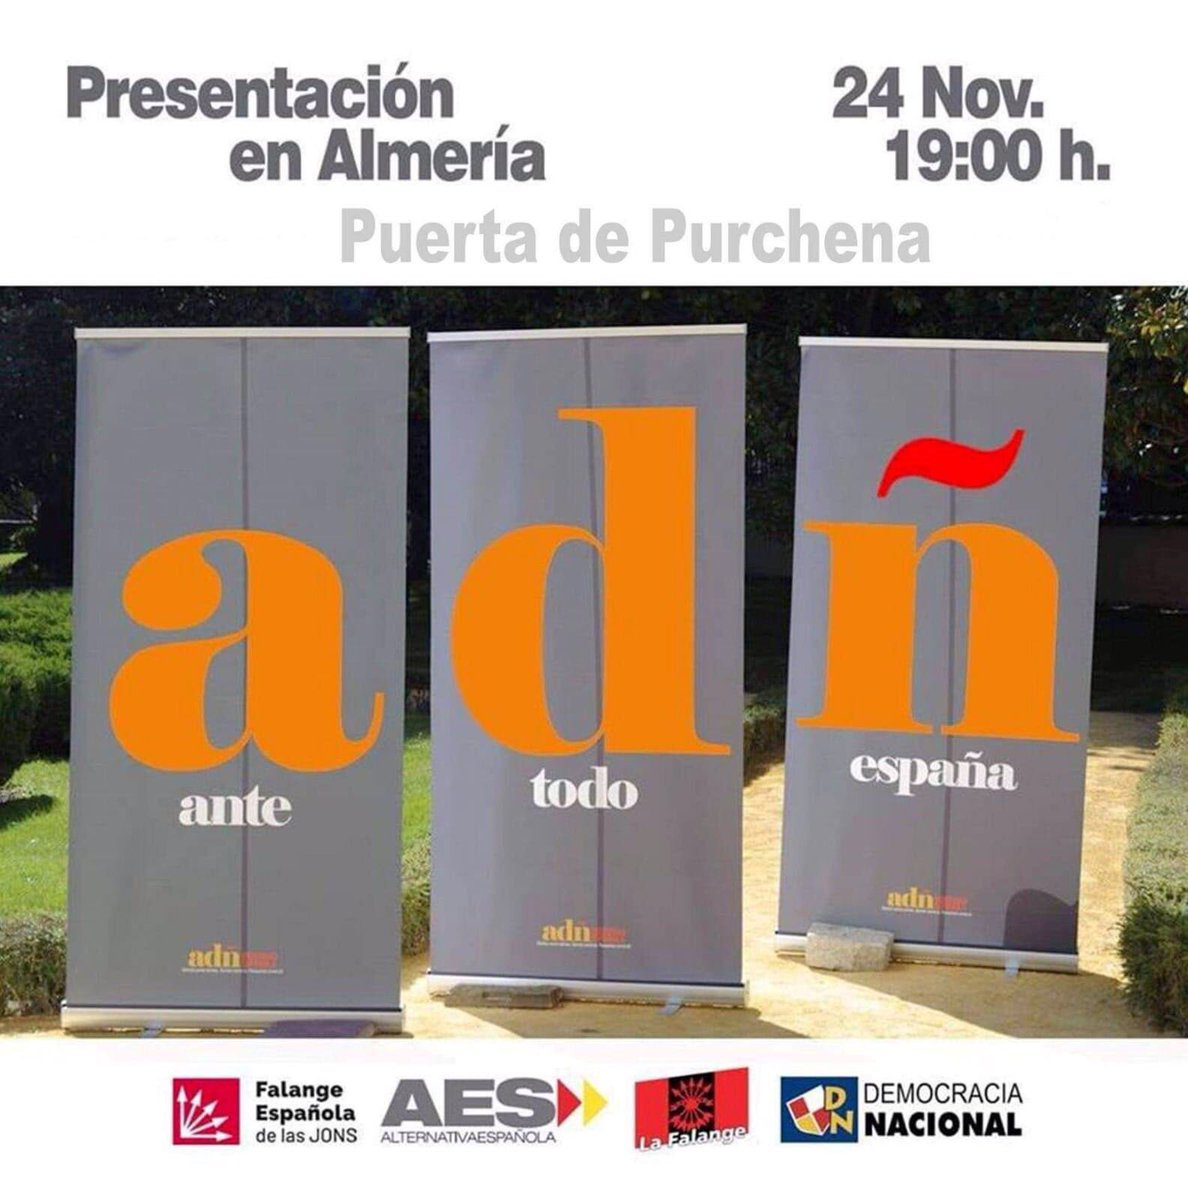 Sábado 24-Nov: Nueva ubicación para la presentación ADÑ en Almería